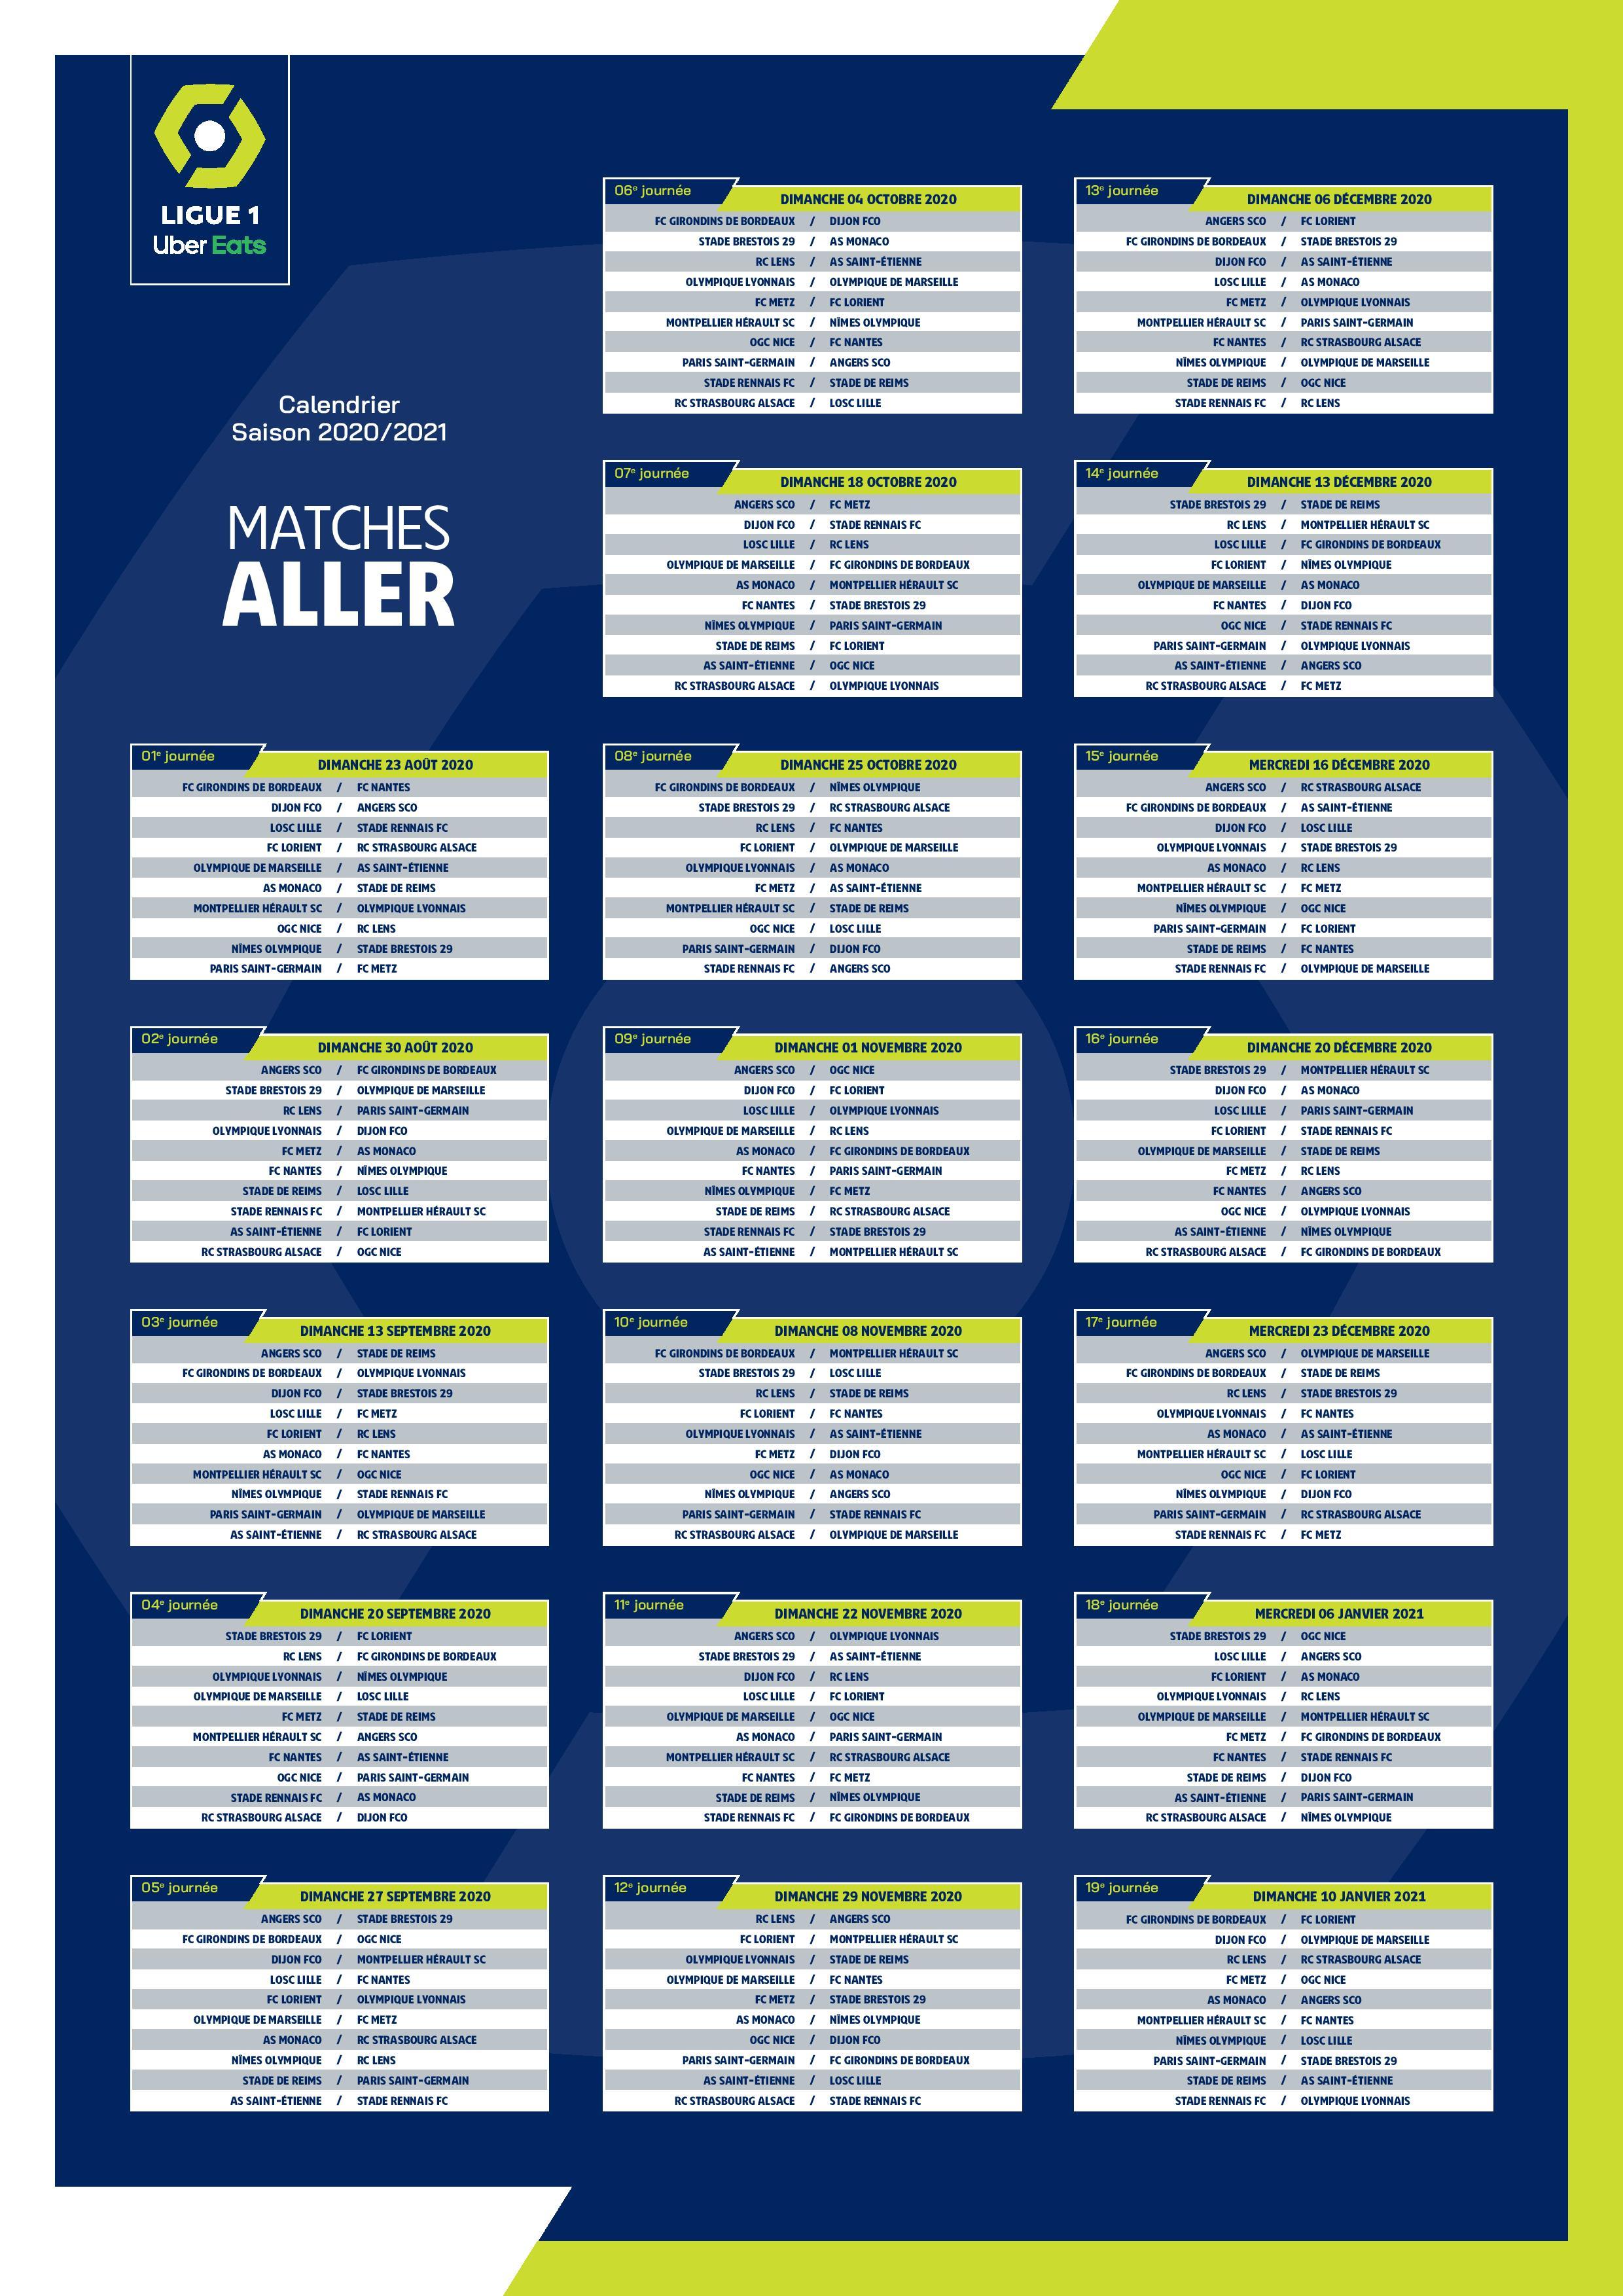 Le calendrier des matchs de Ligue 1 Uber Eats pour 2020 2021